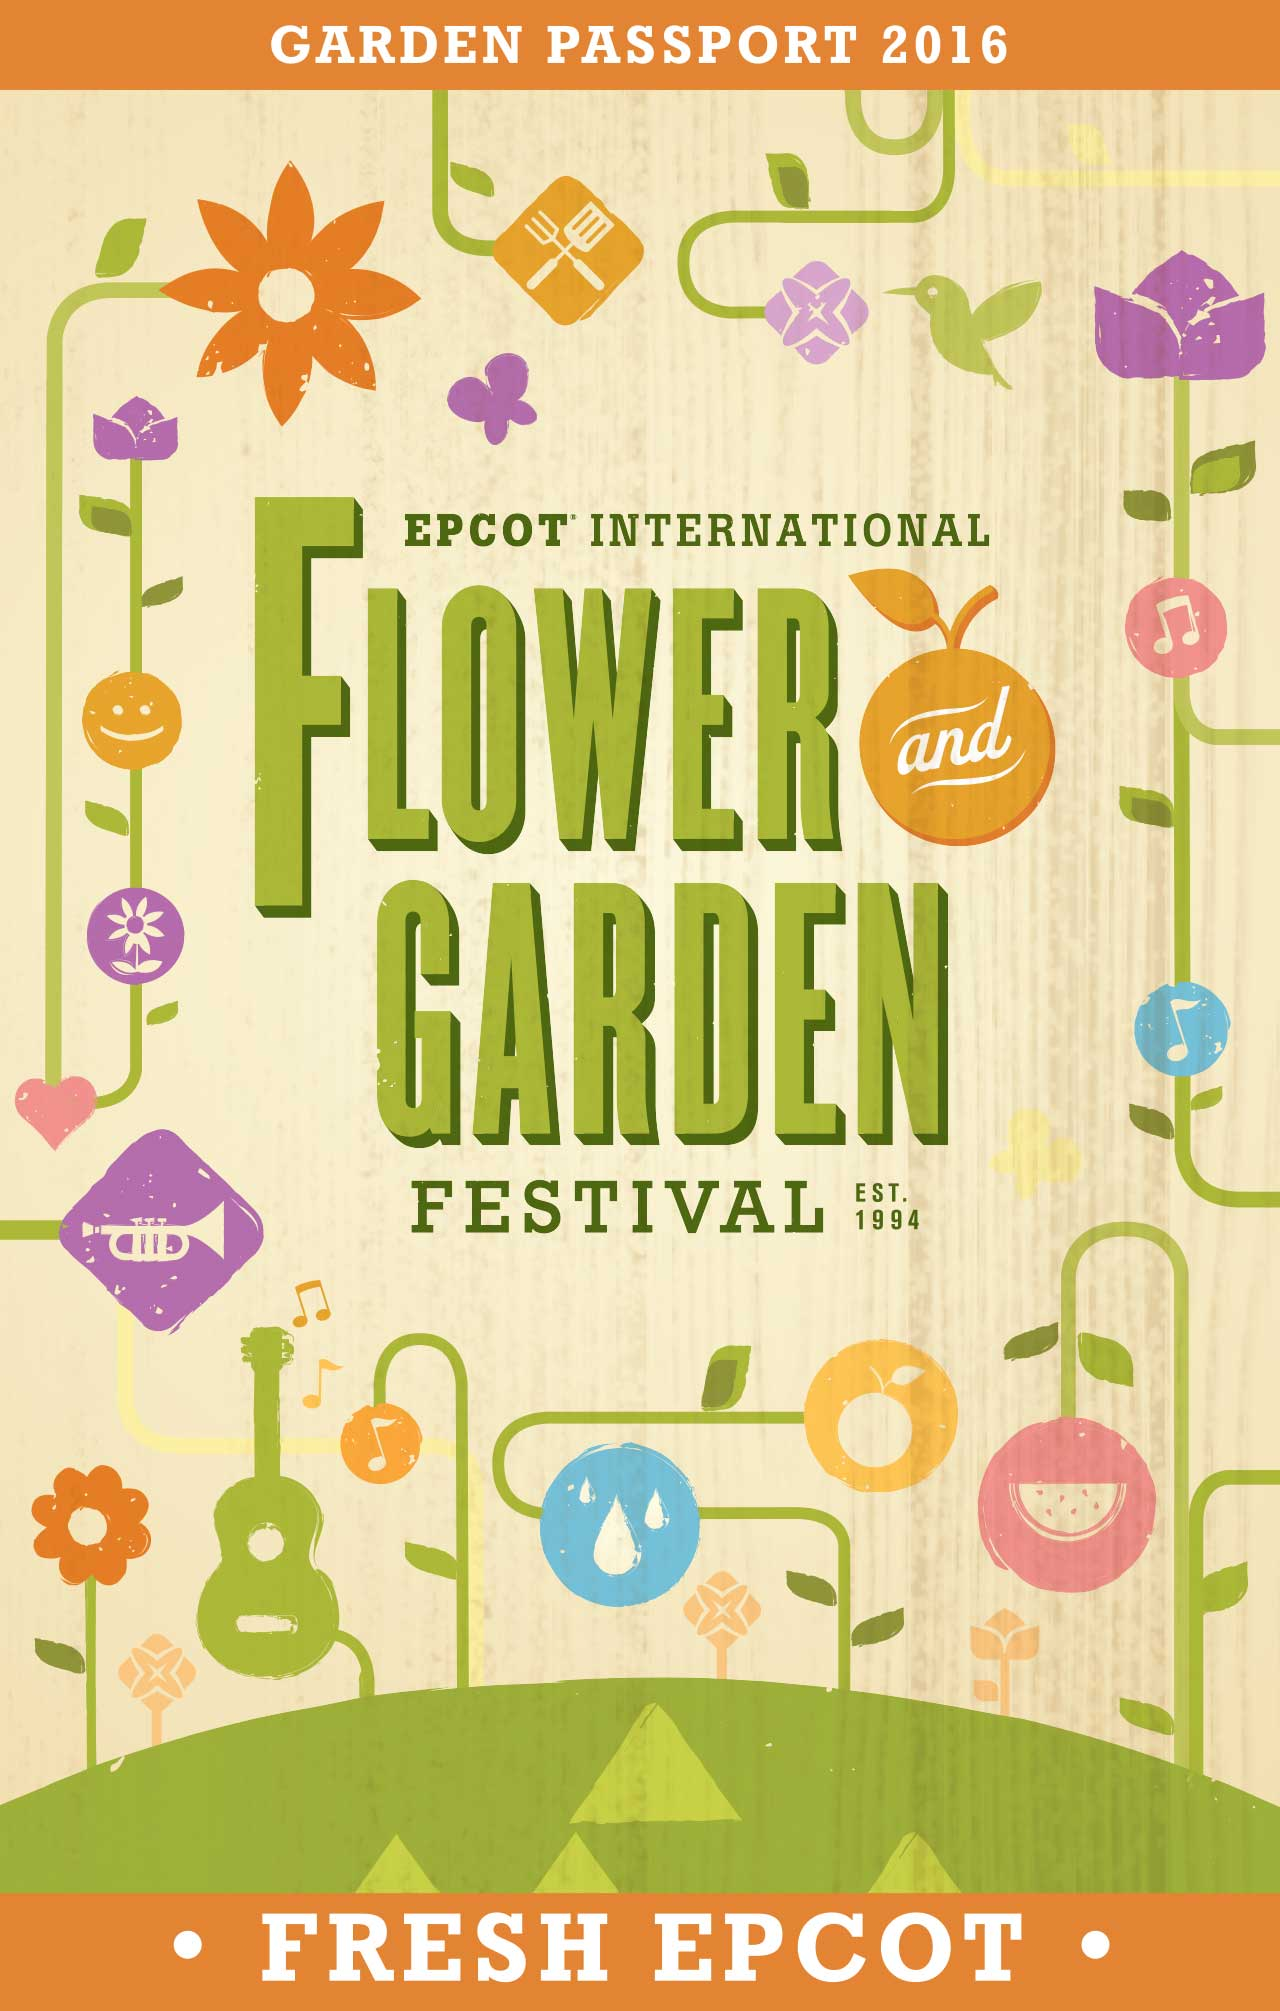 2016 Epcot Flower and Garden Festival passport